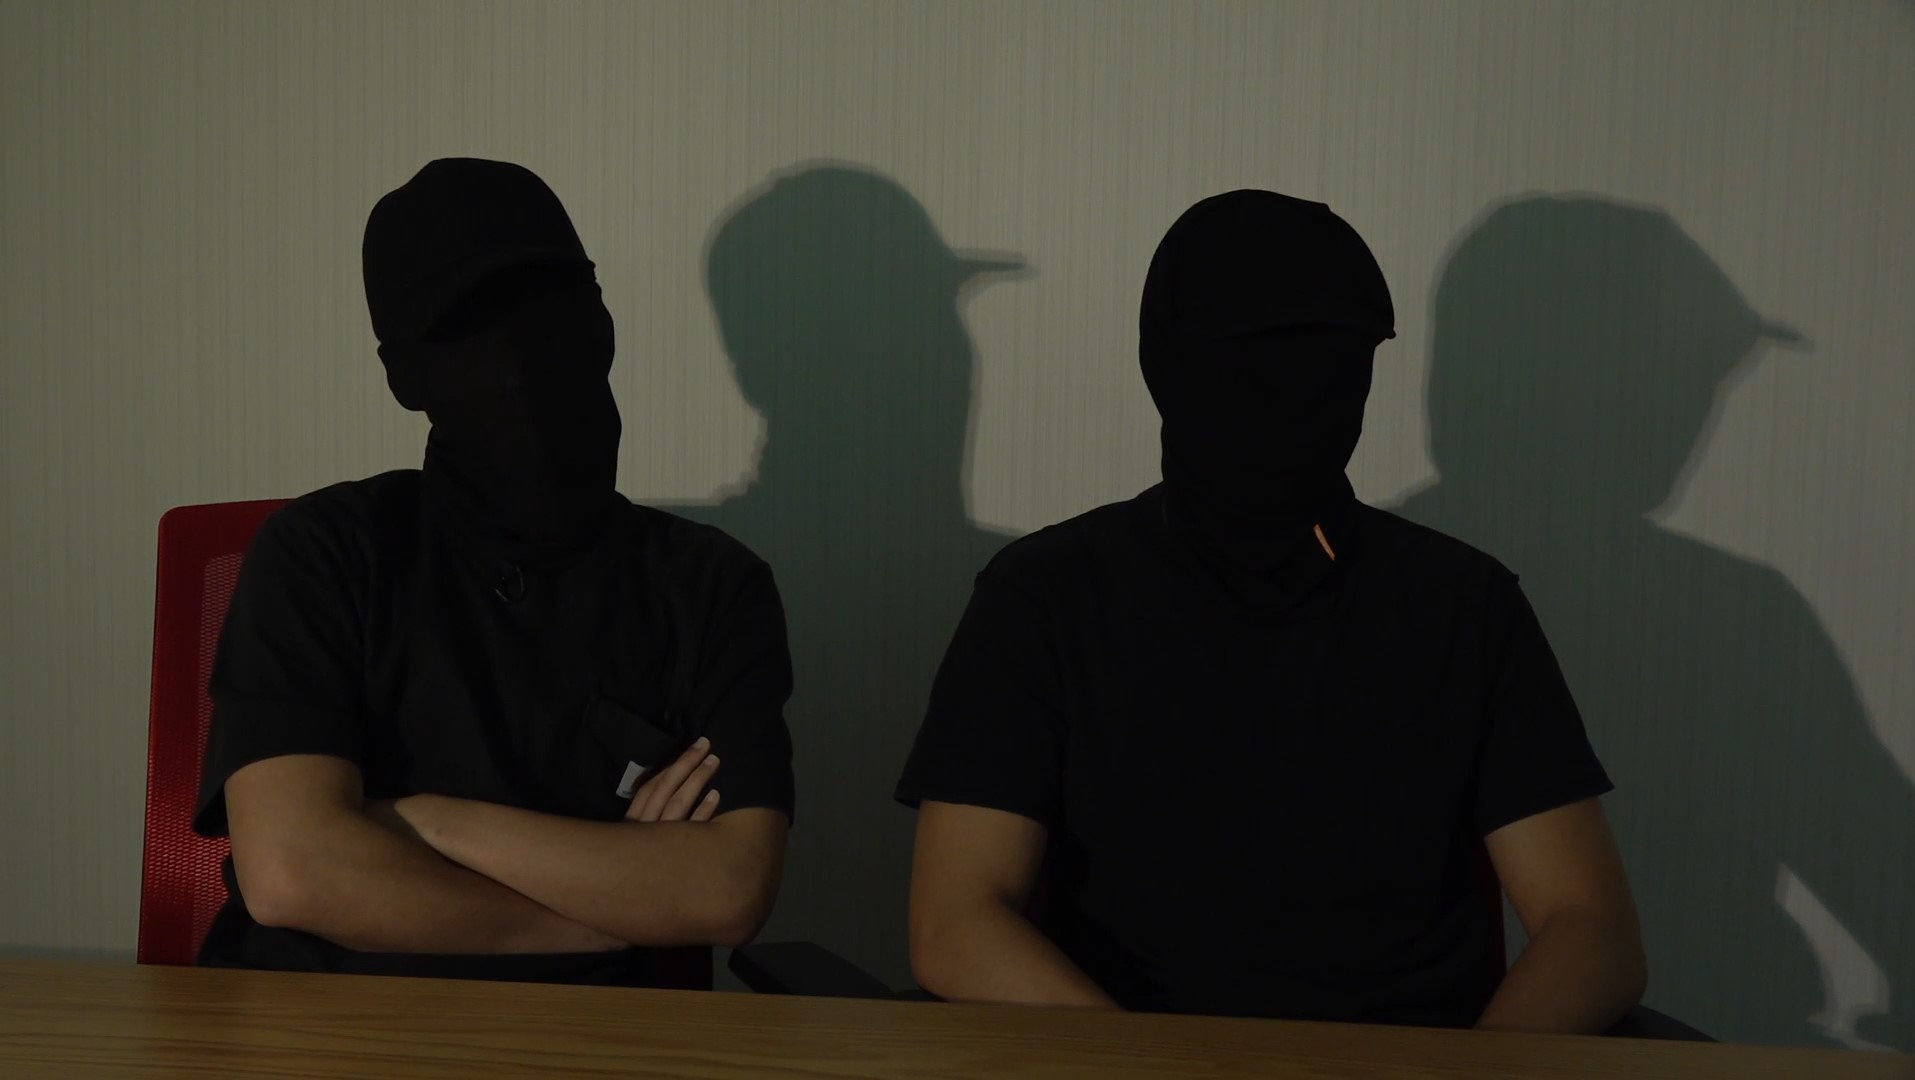 勇武派成员东仔(左)和阿徒(右)接受本台访问时指出,一日未光复香港,他们仍会抗争到底。(邓颖韬摄)